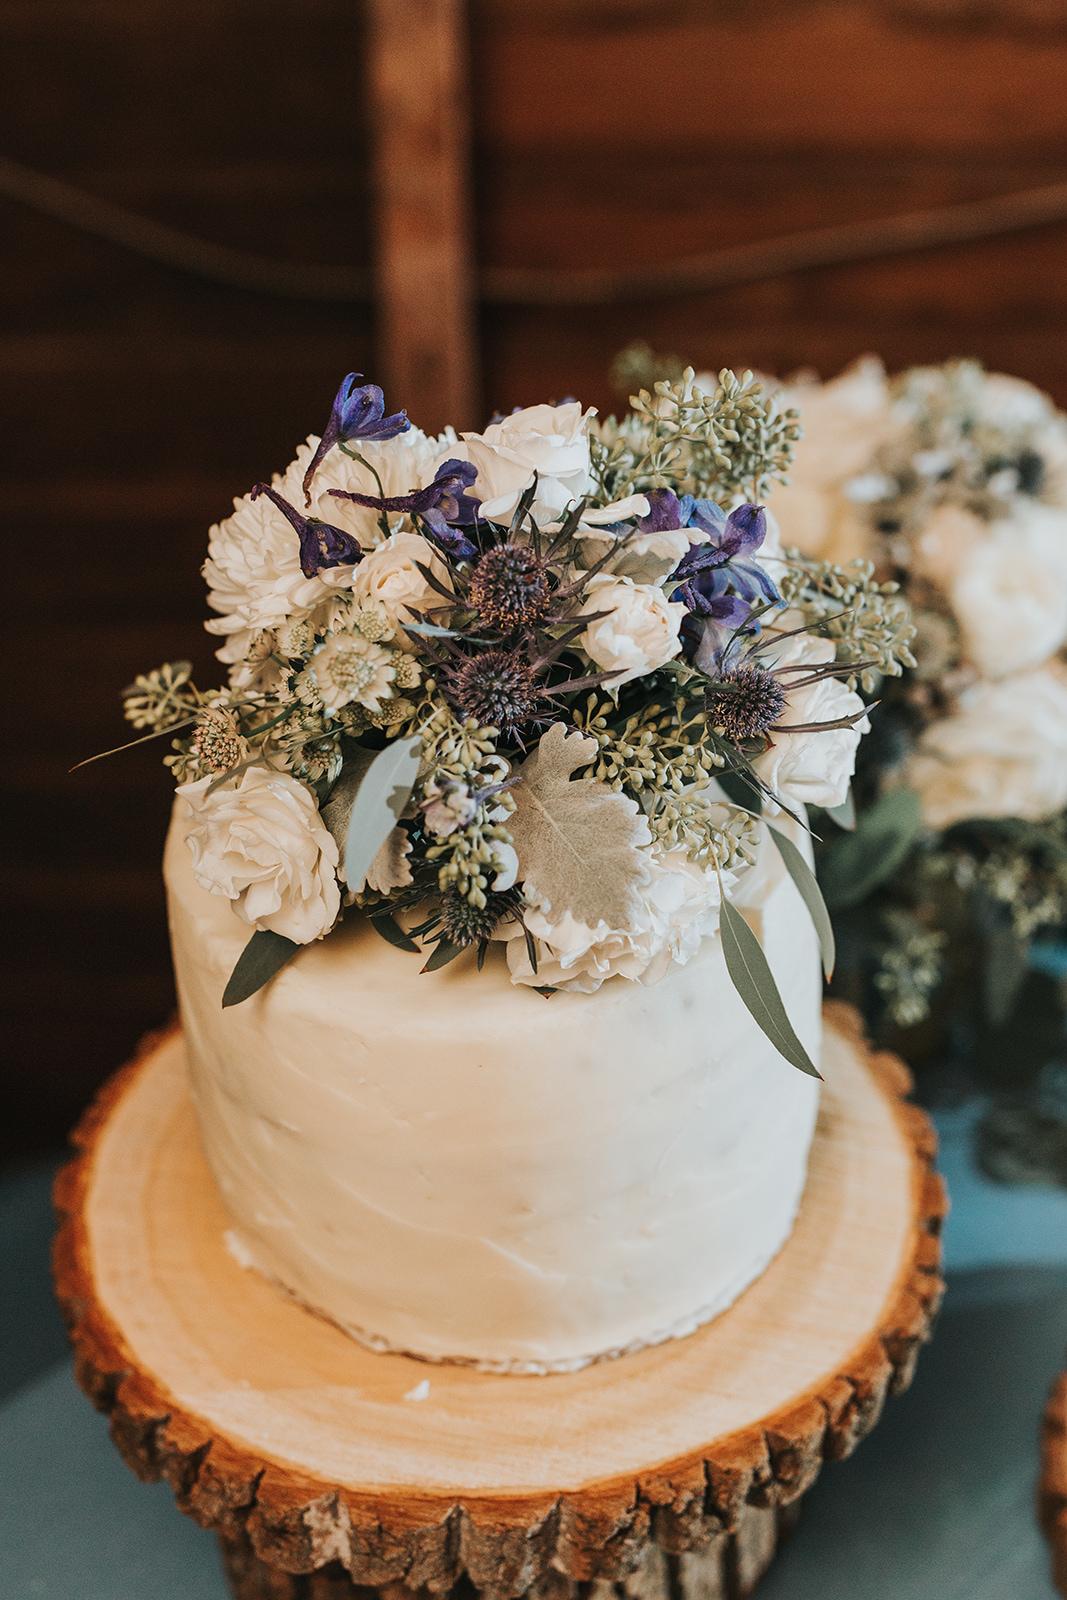 brielle-davis-events-48-fields-wedding-cake.jpg